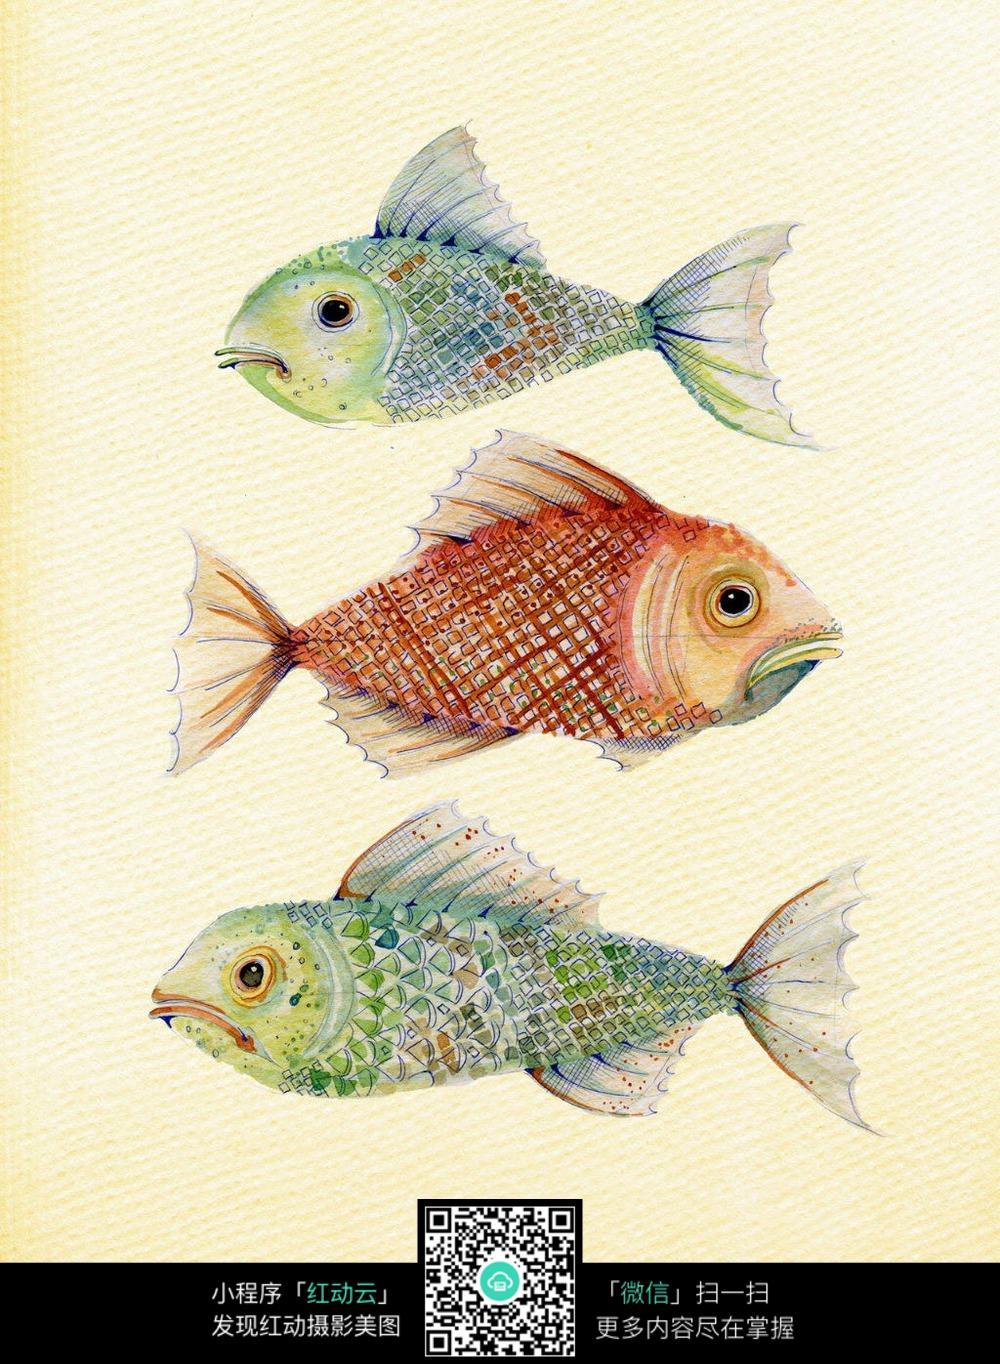 三条金鱼手绘彩图